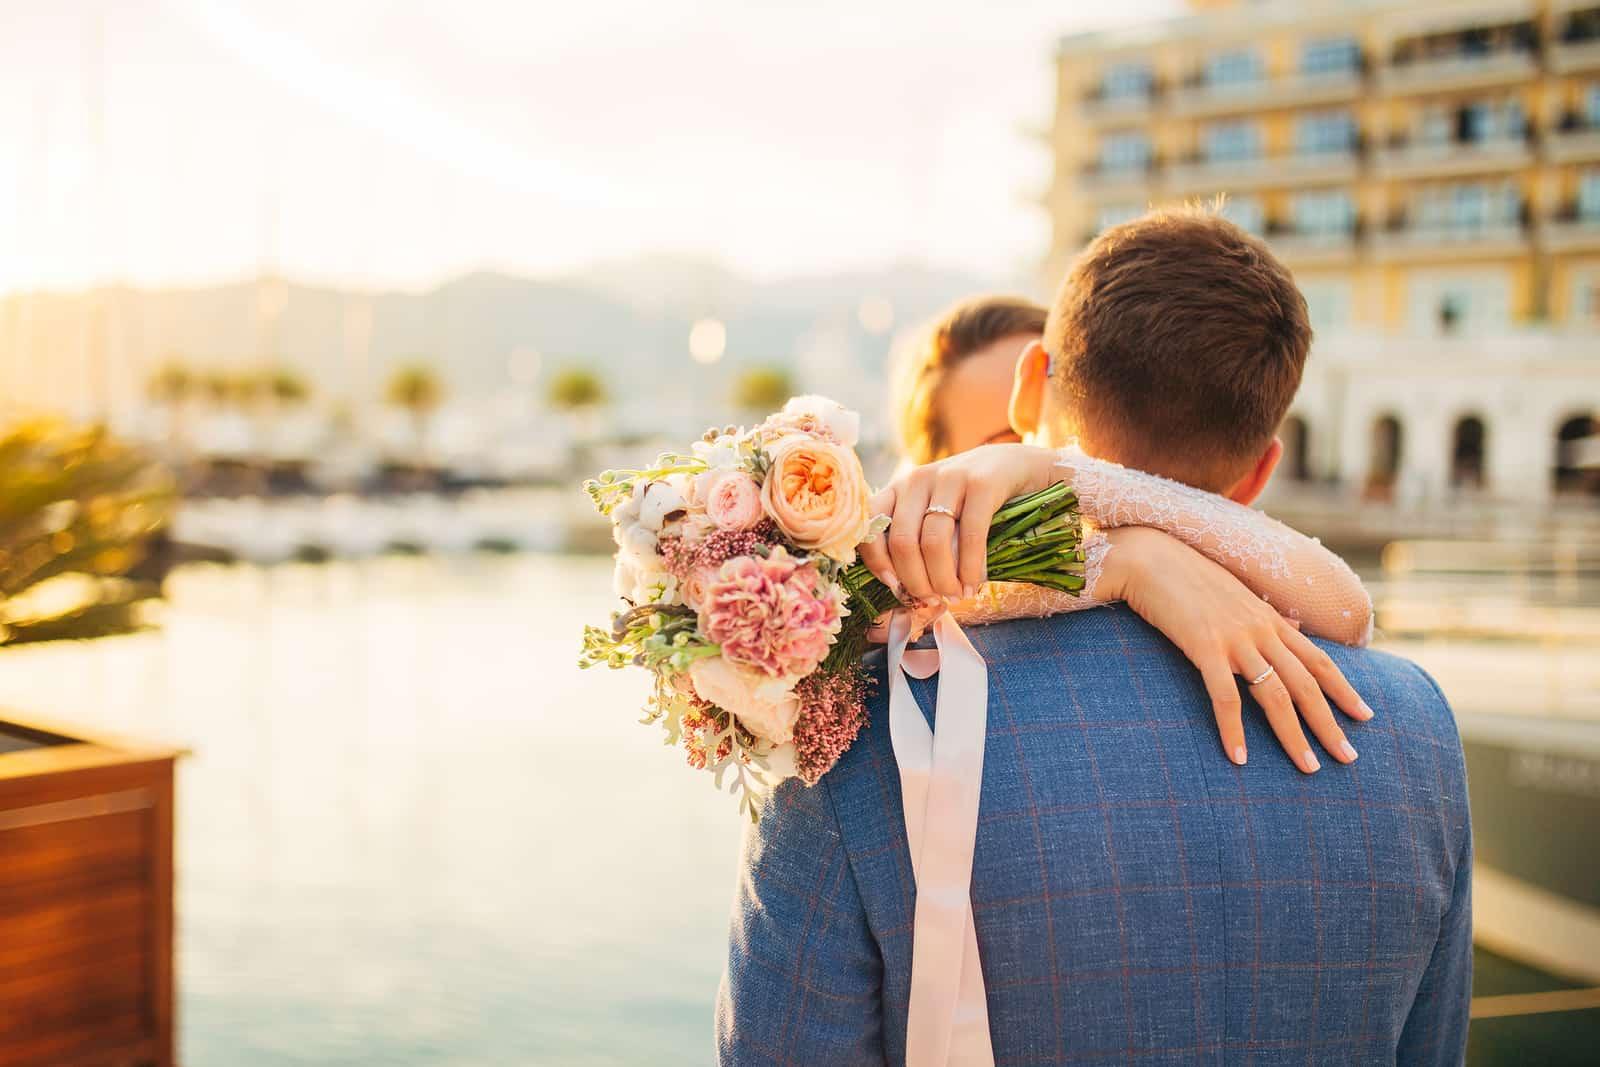 Matrimonio Sin Hijos Biblia : Se puede recibir la herencia de un matrimonio sin hijos